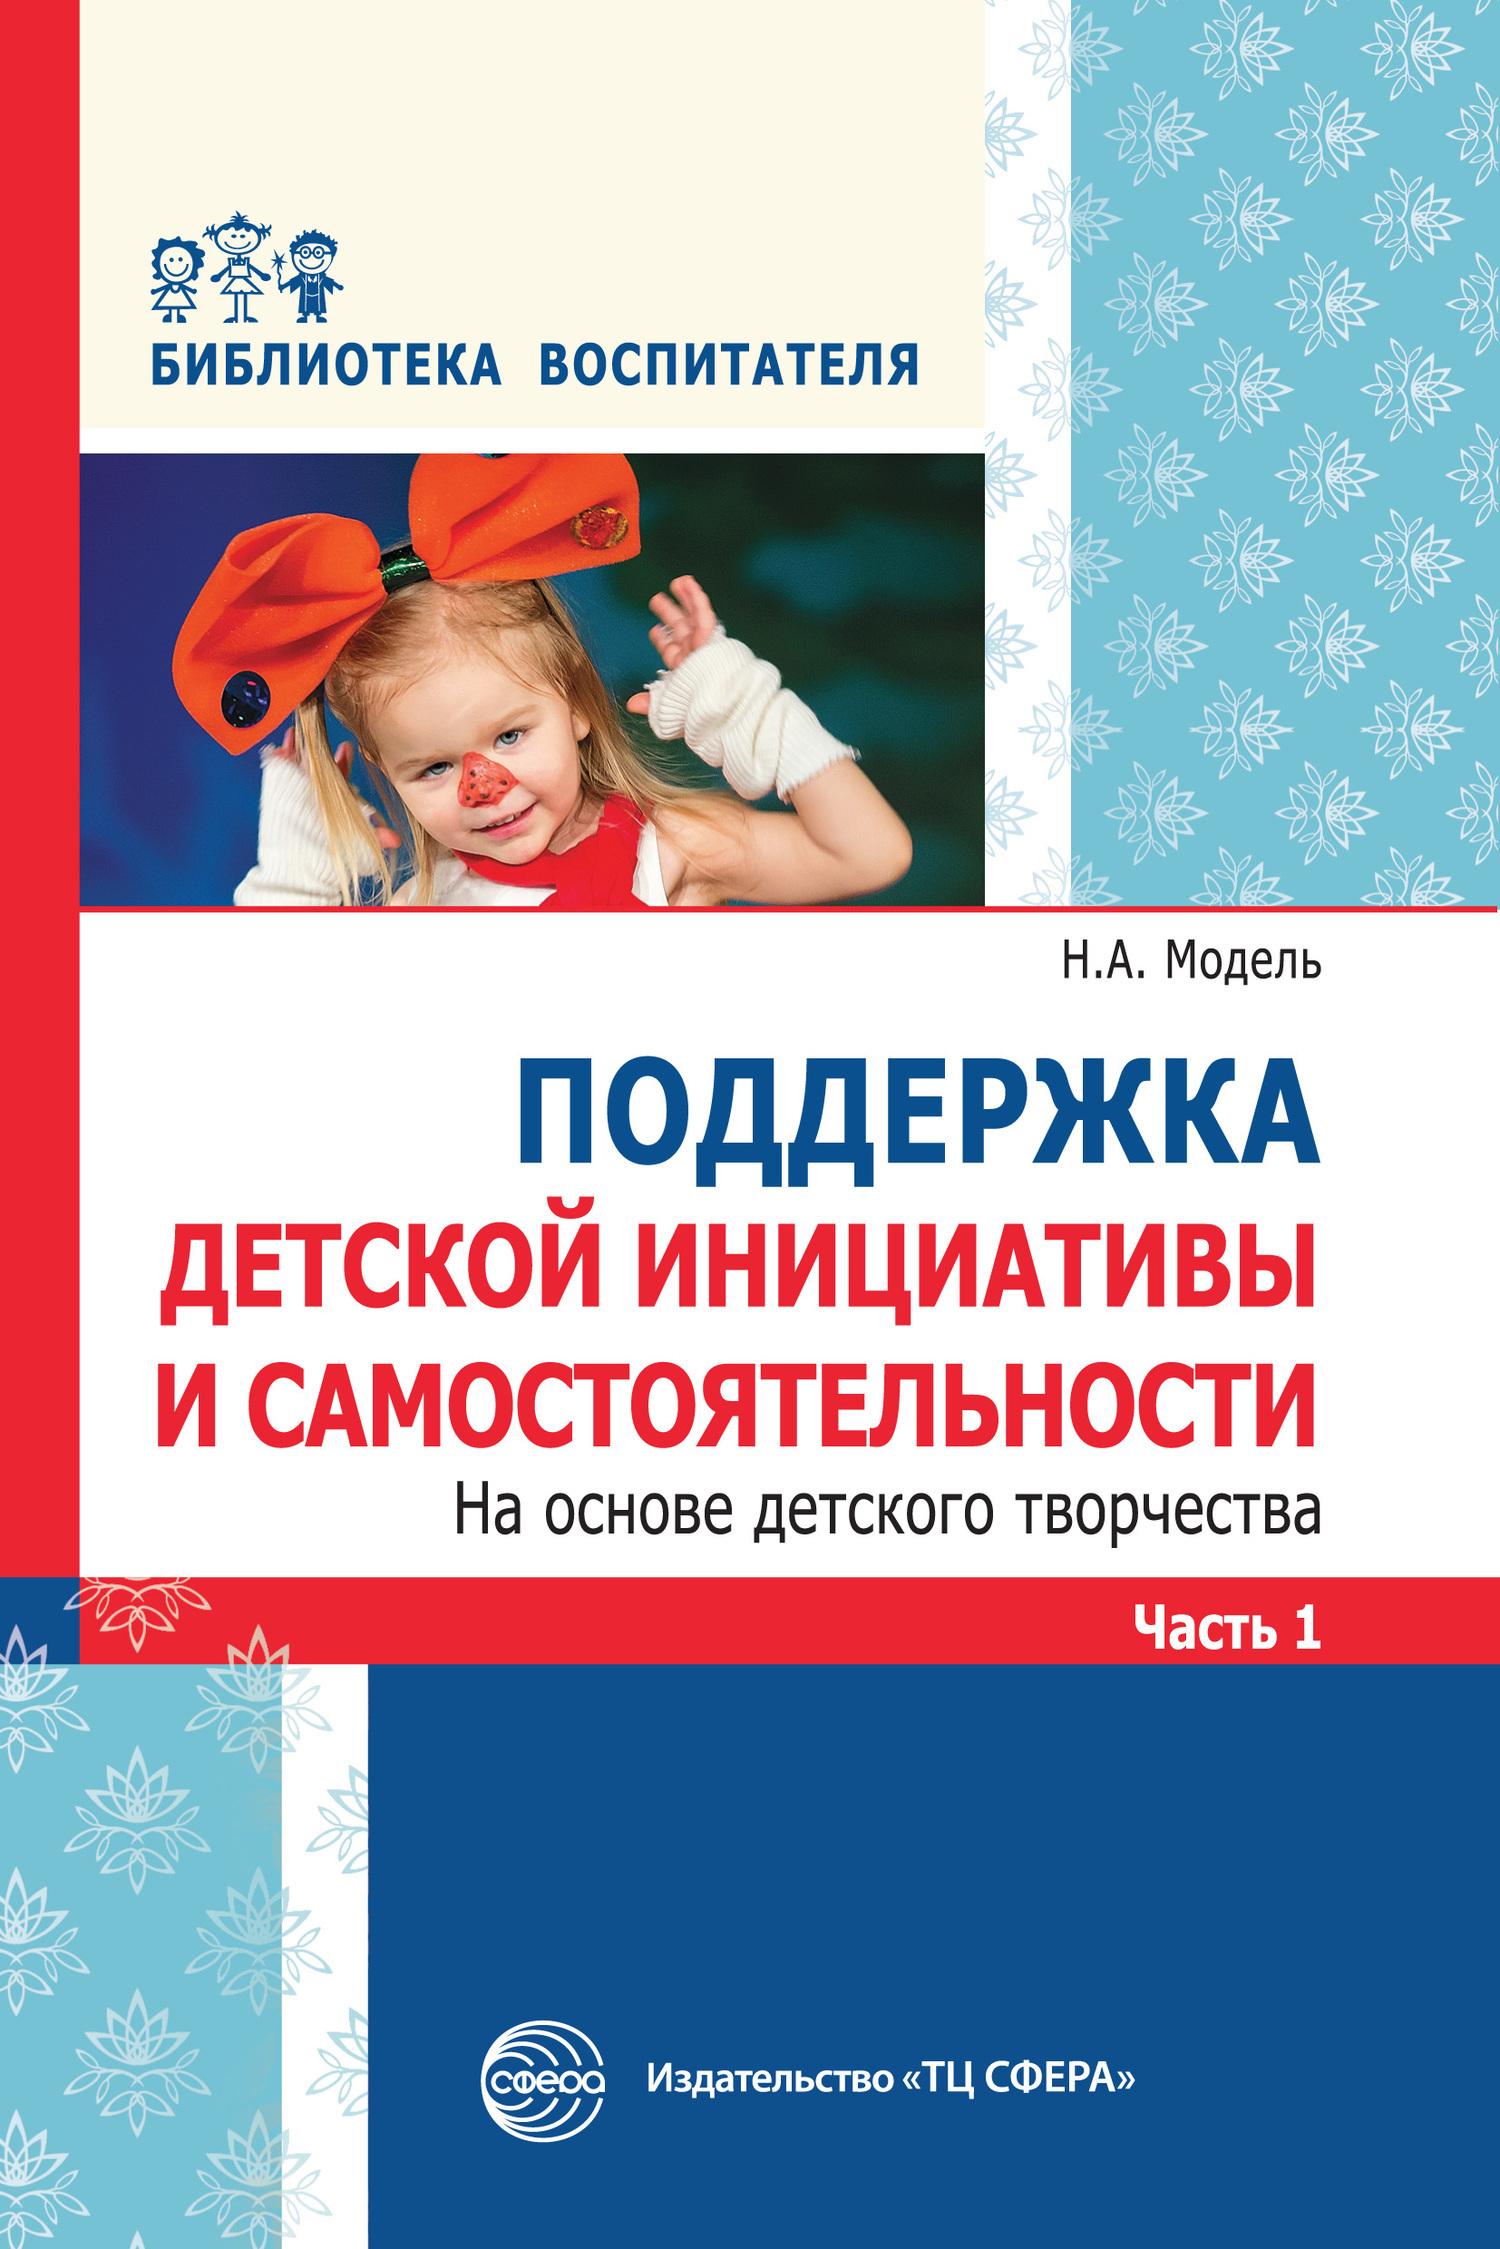 Наталья Модель - Поддержка детской инициативы и самостоятельности на основе детского творчества. Часть 1